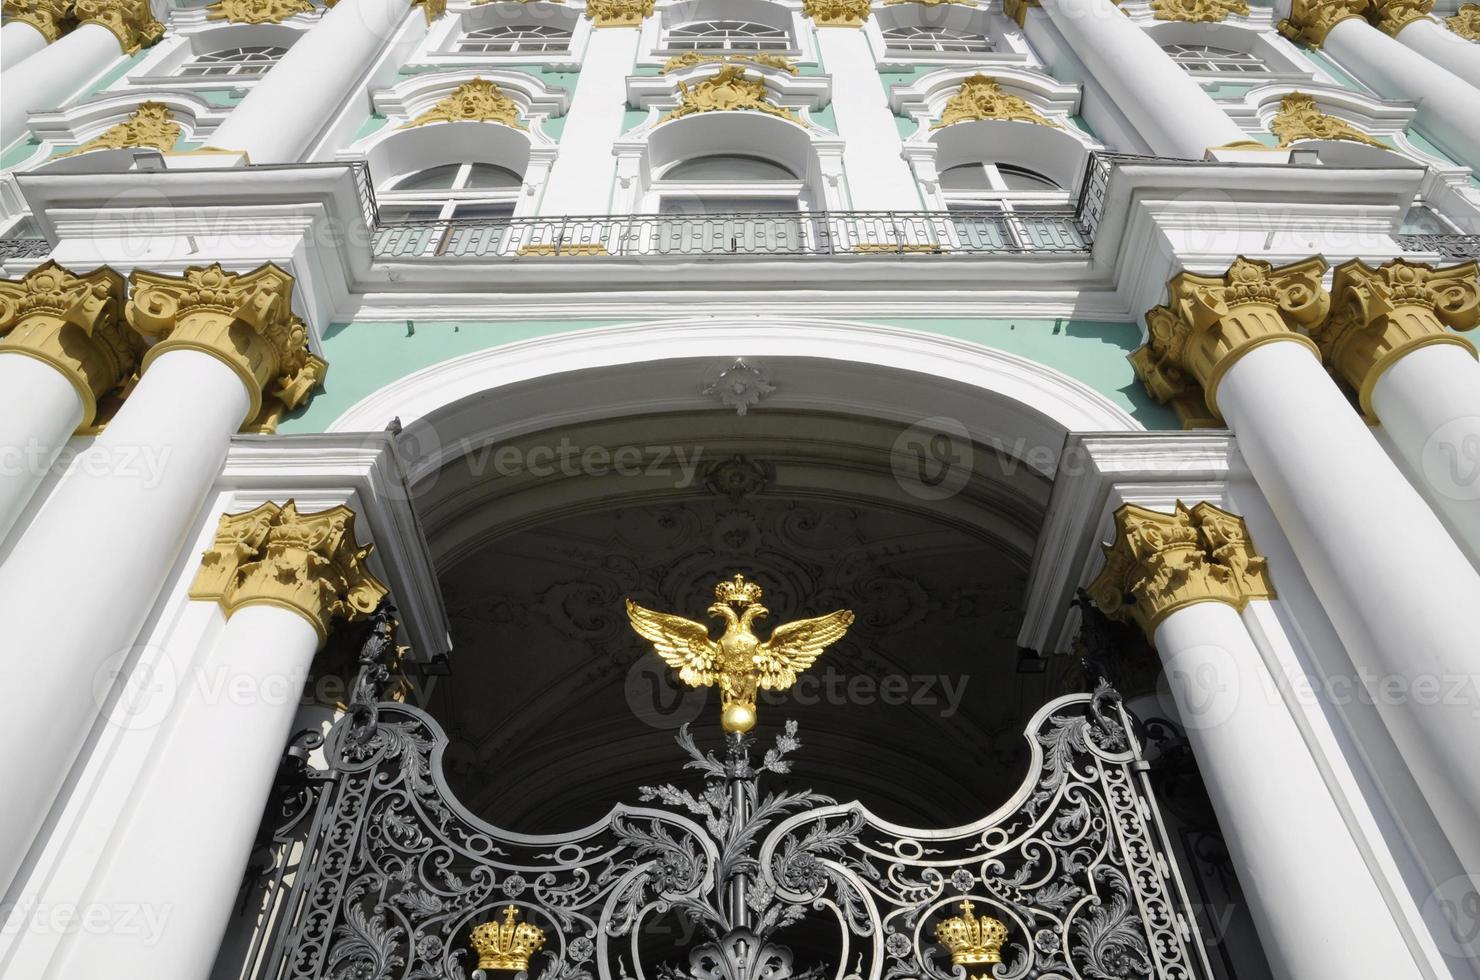 frontalansicht, winterpalasttore, st. Petersburg, Russland foto